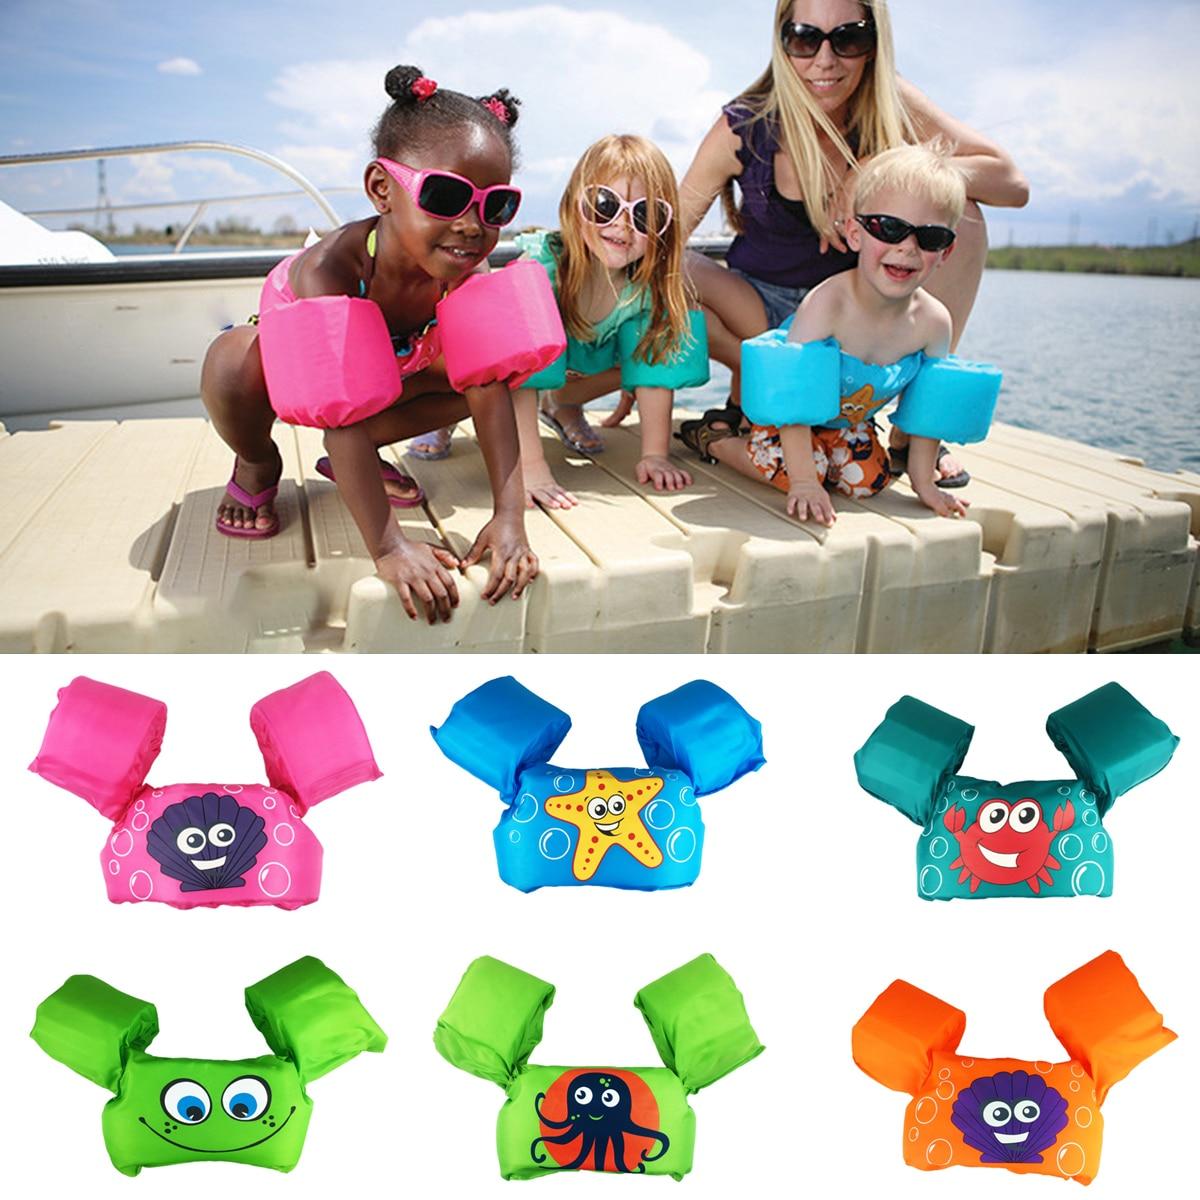 Anéis de natação Float Tubo Braço Mangas Puddle Jumper Bebê Dos Desenhos Animados Anel Da Nadada Vida Colete Jaquetas Braçadeiras de Natação Brinquedos Piscina de Espuma